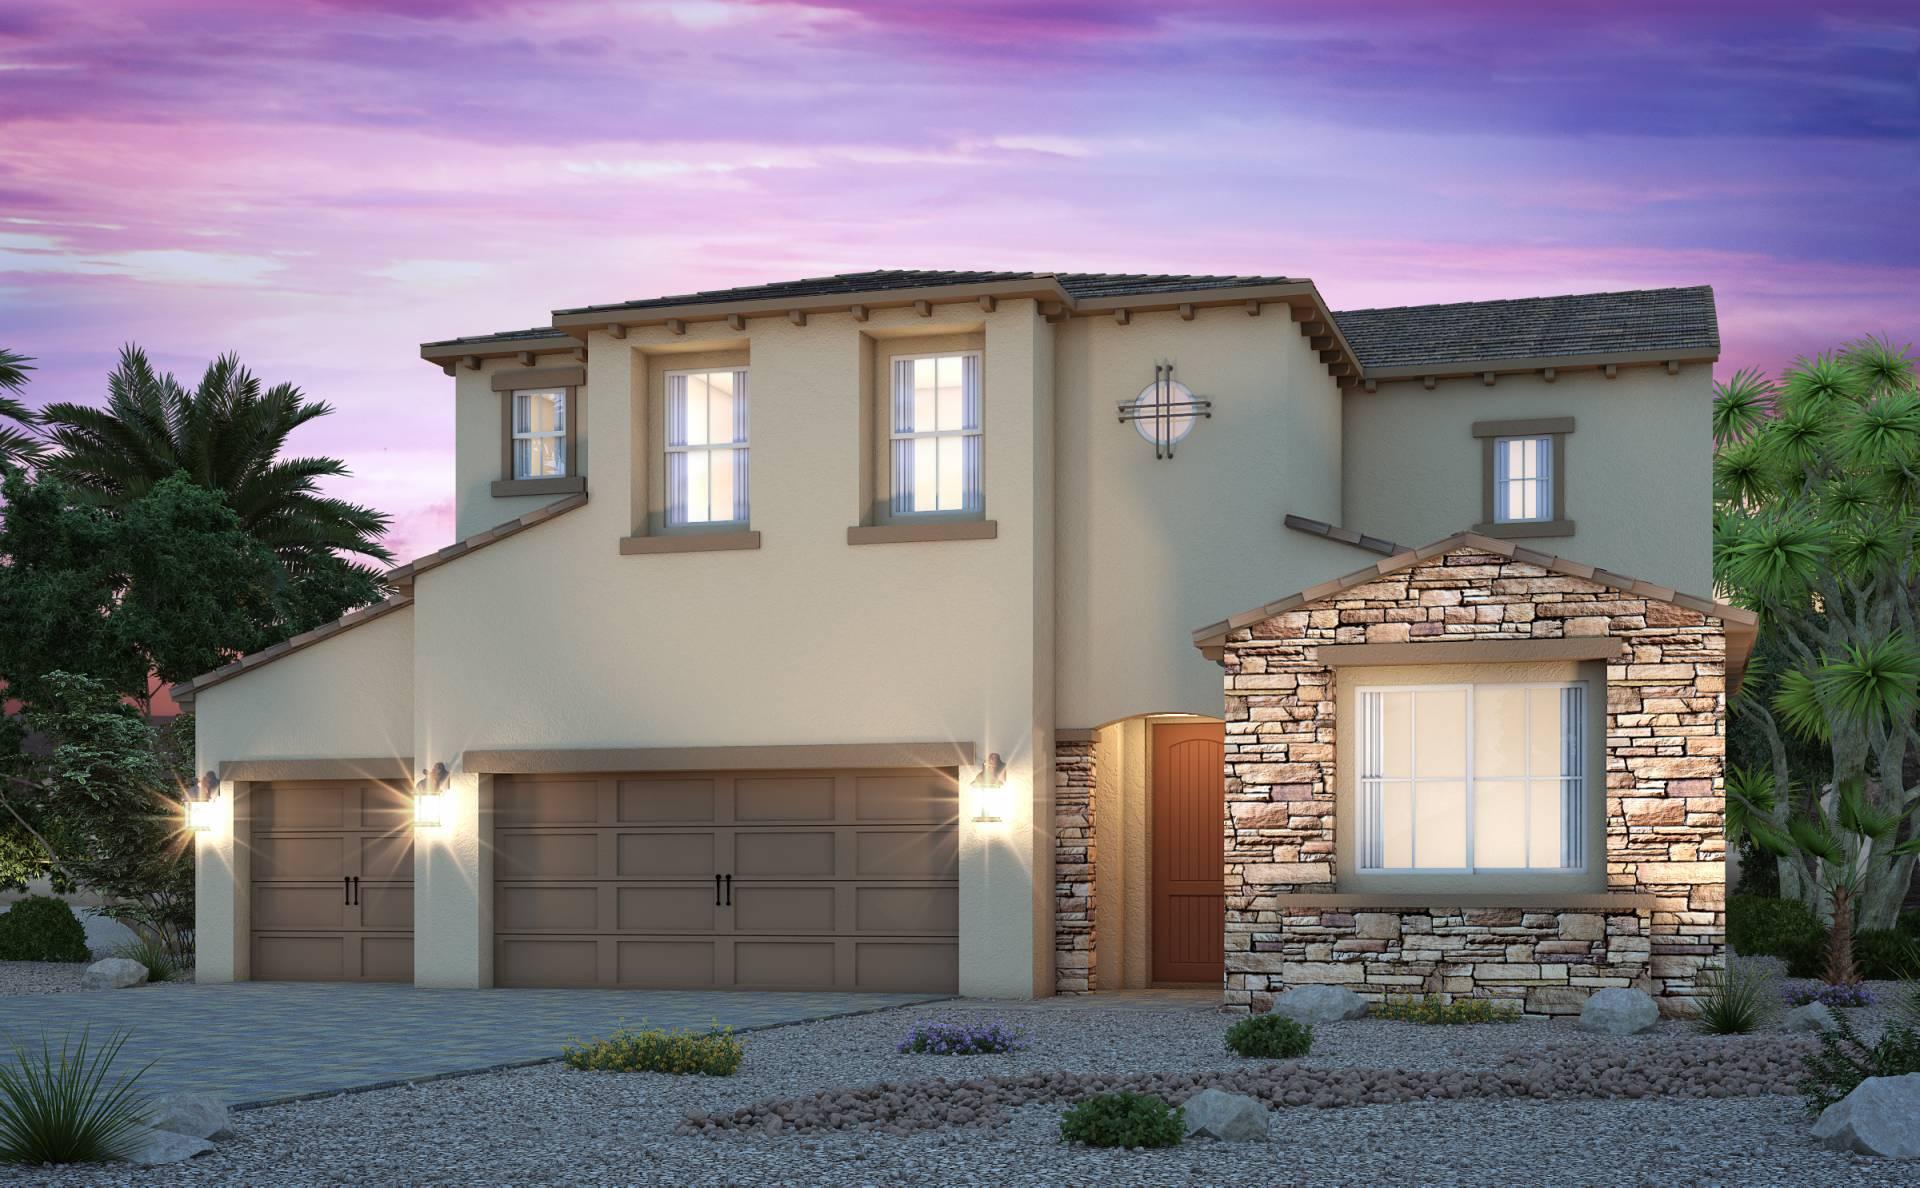 5973Sunset River Ave., Elkhorn Springs, NV Homes & Land - Real Estate